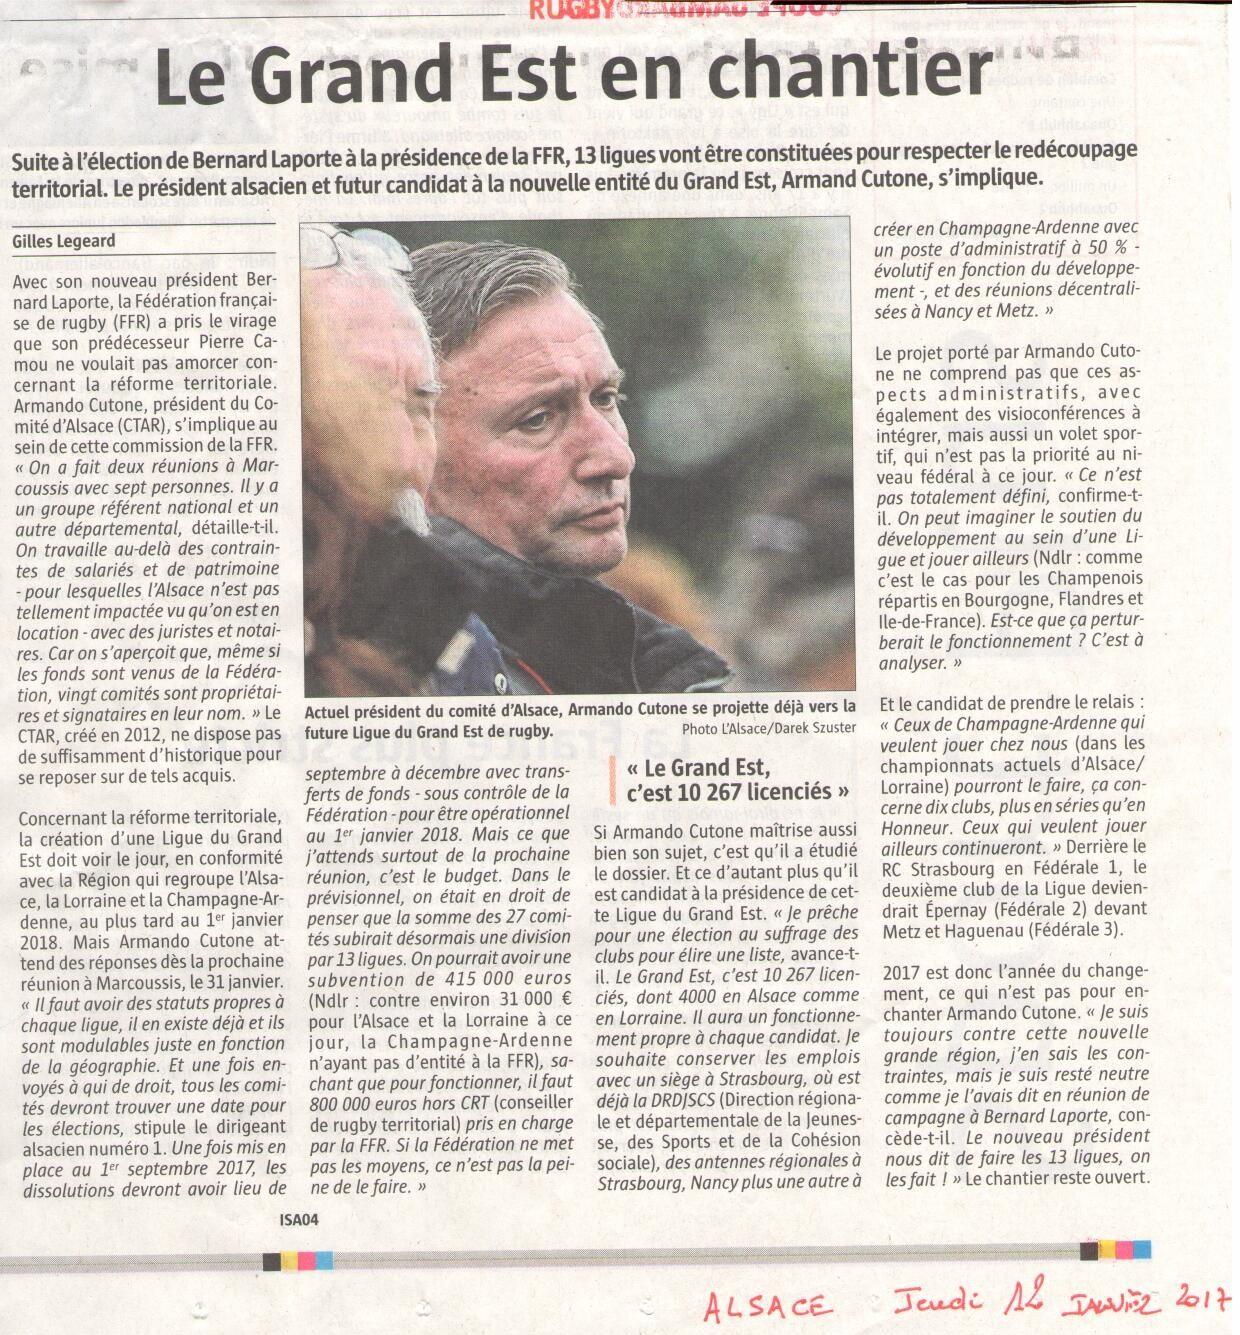 Article l Alsace 12 01 17 Le Grand Est en chantier.jpg